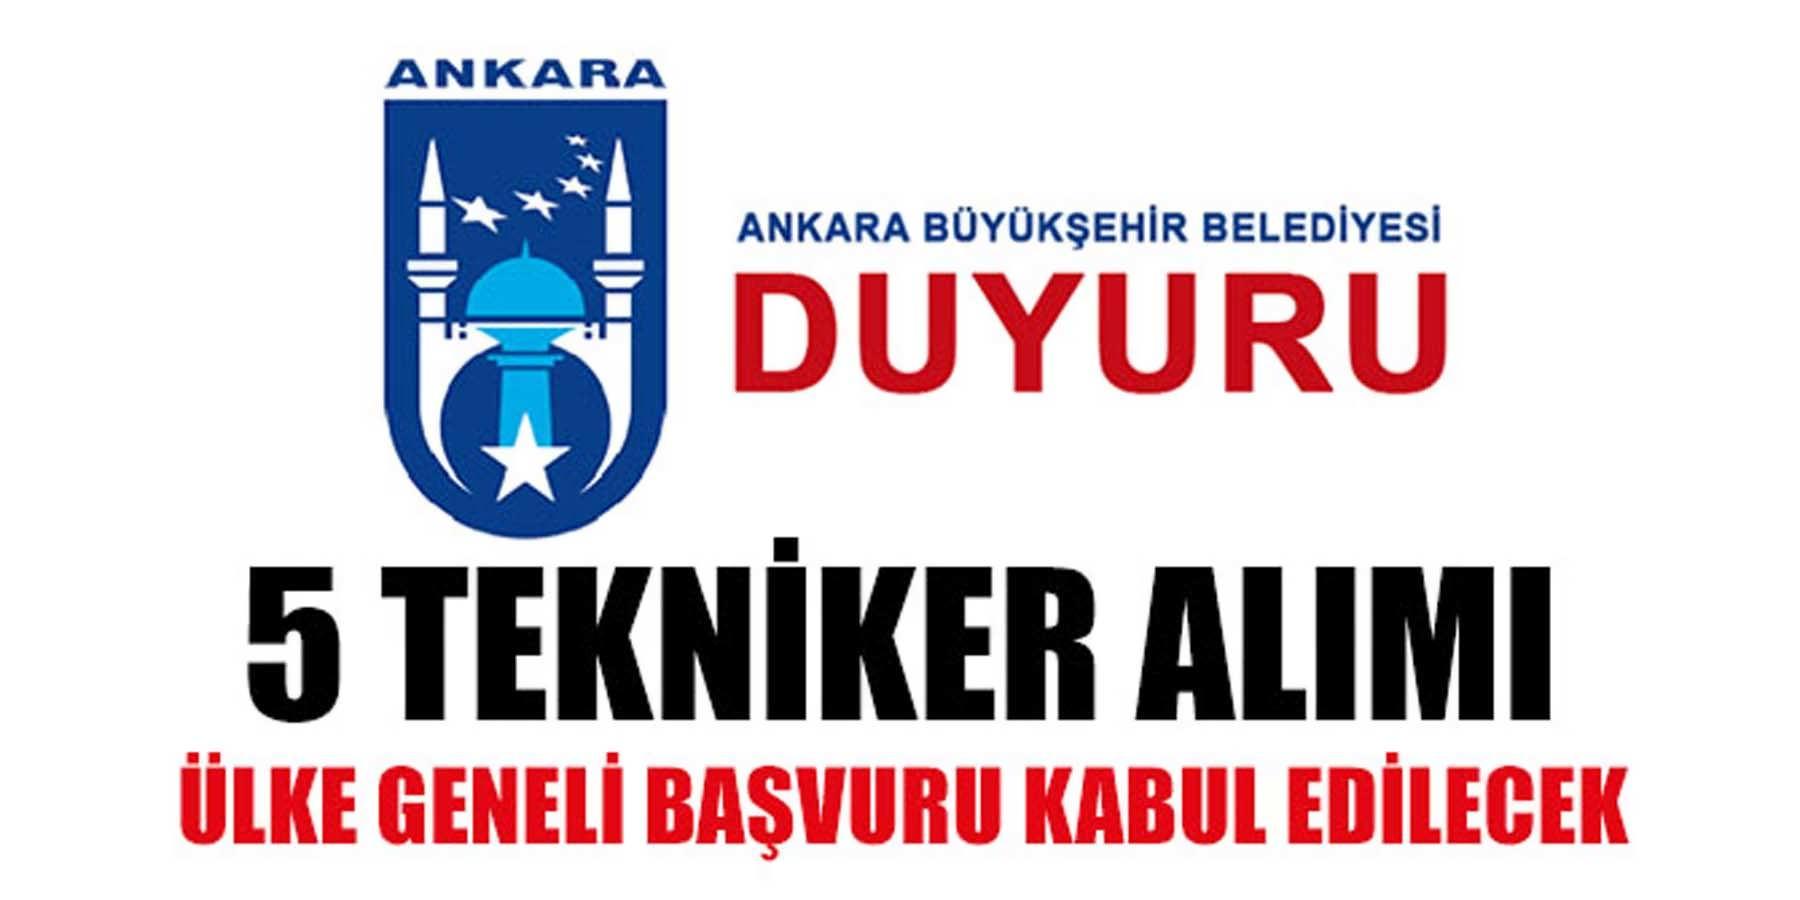 Ankara Büyükşehir Belediyesi 5 Tekniker Alımı